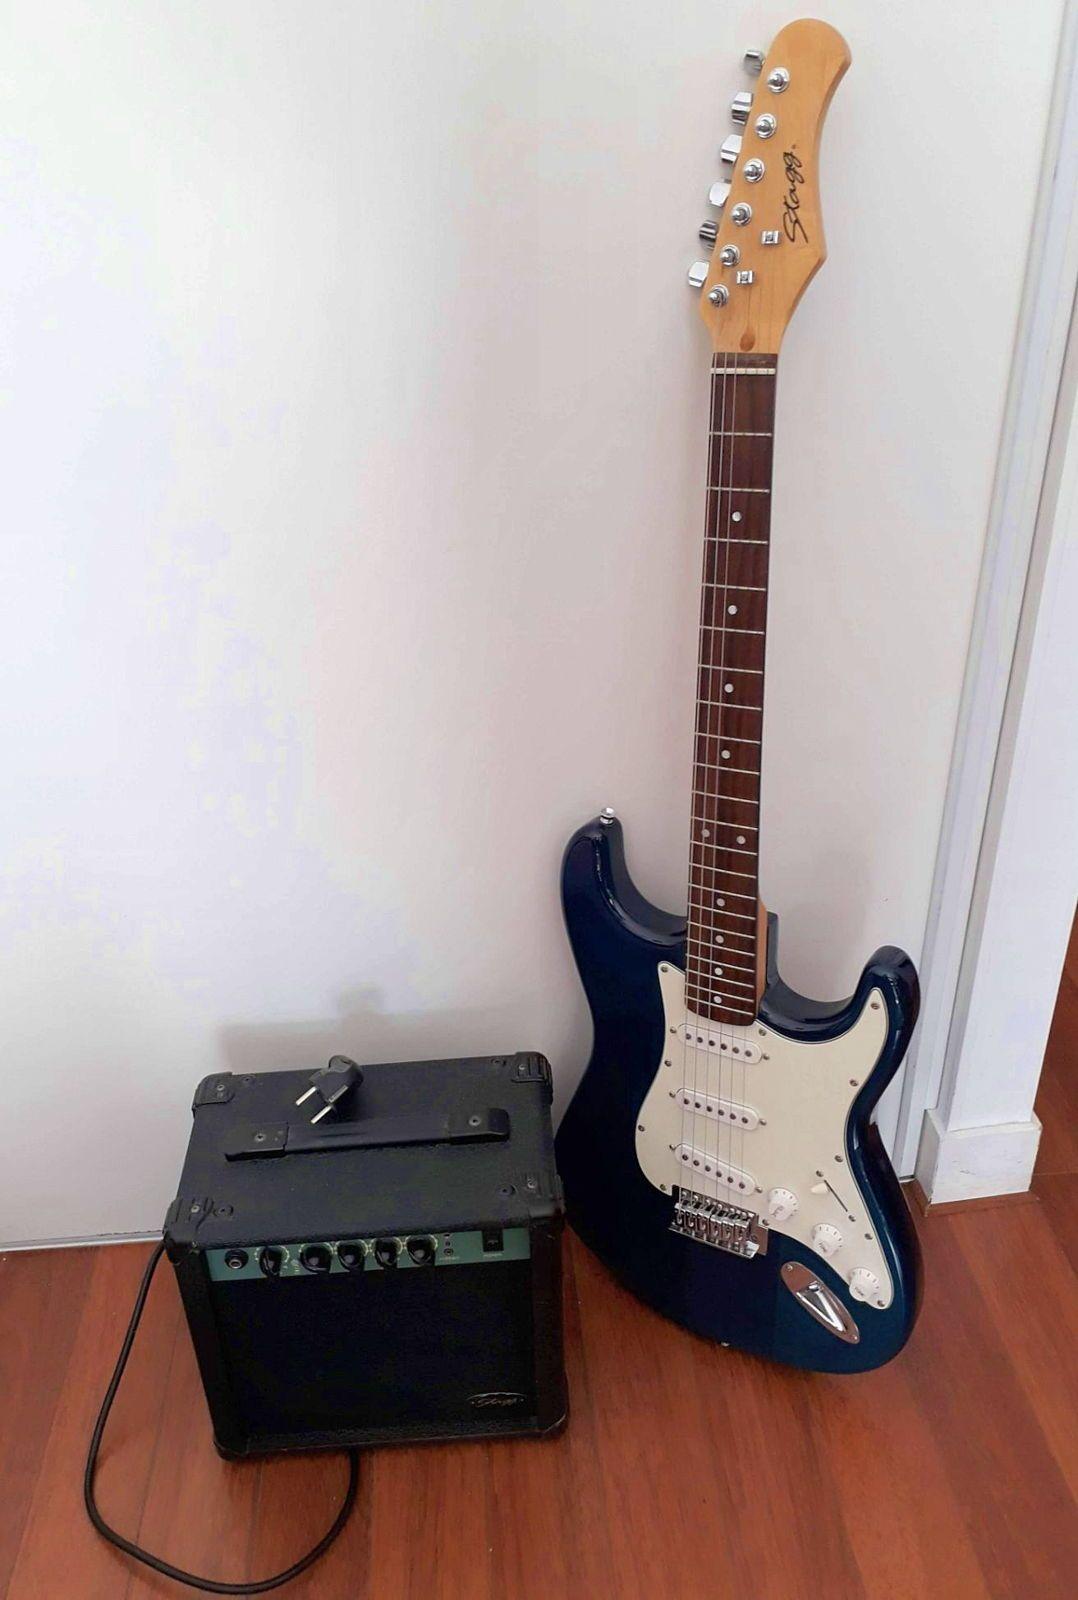 Guitare électrique et ampli Stagg